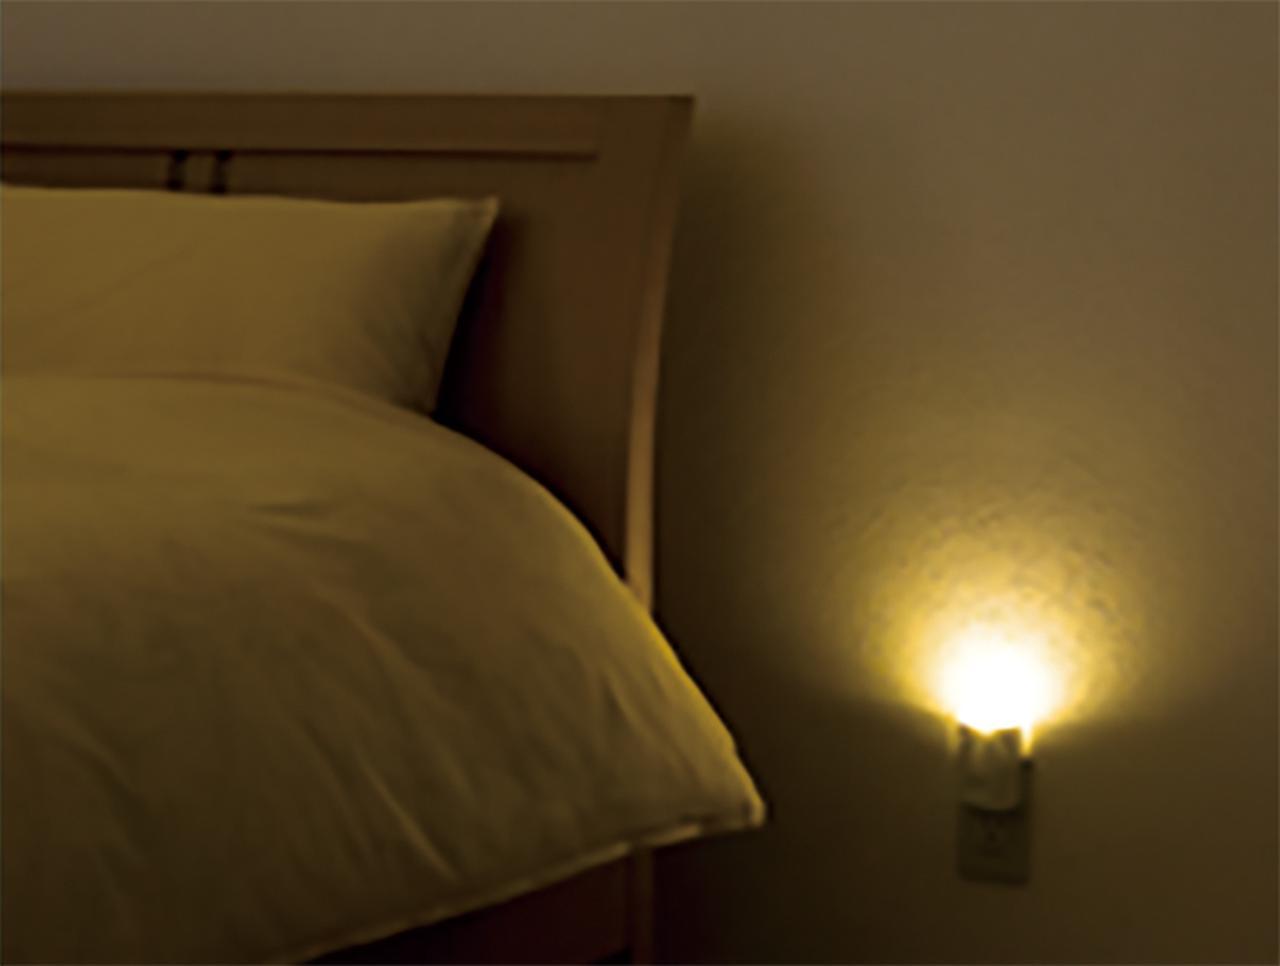 画像: 停電すると、自動的に点灯して足元を照らしてくれる。